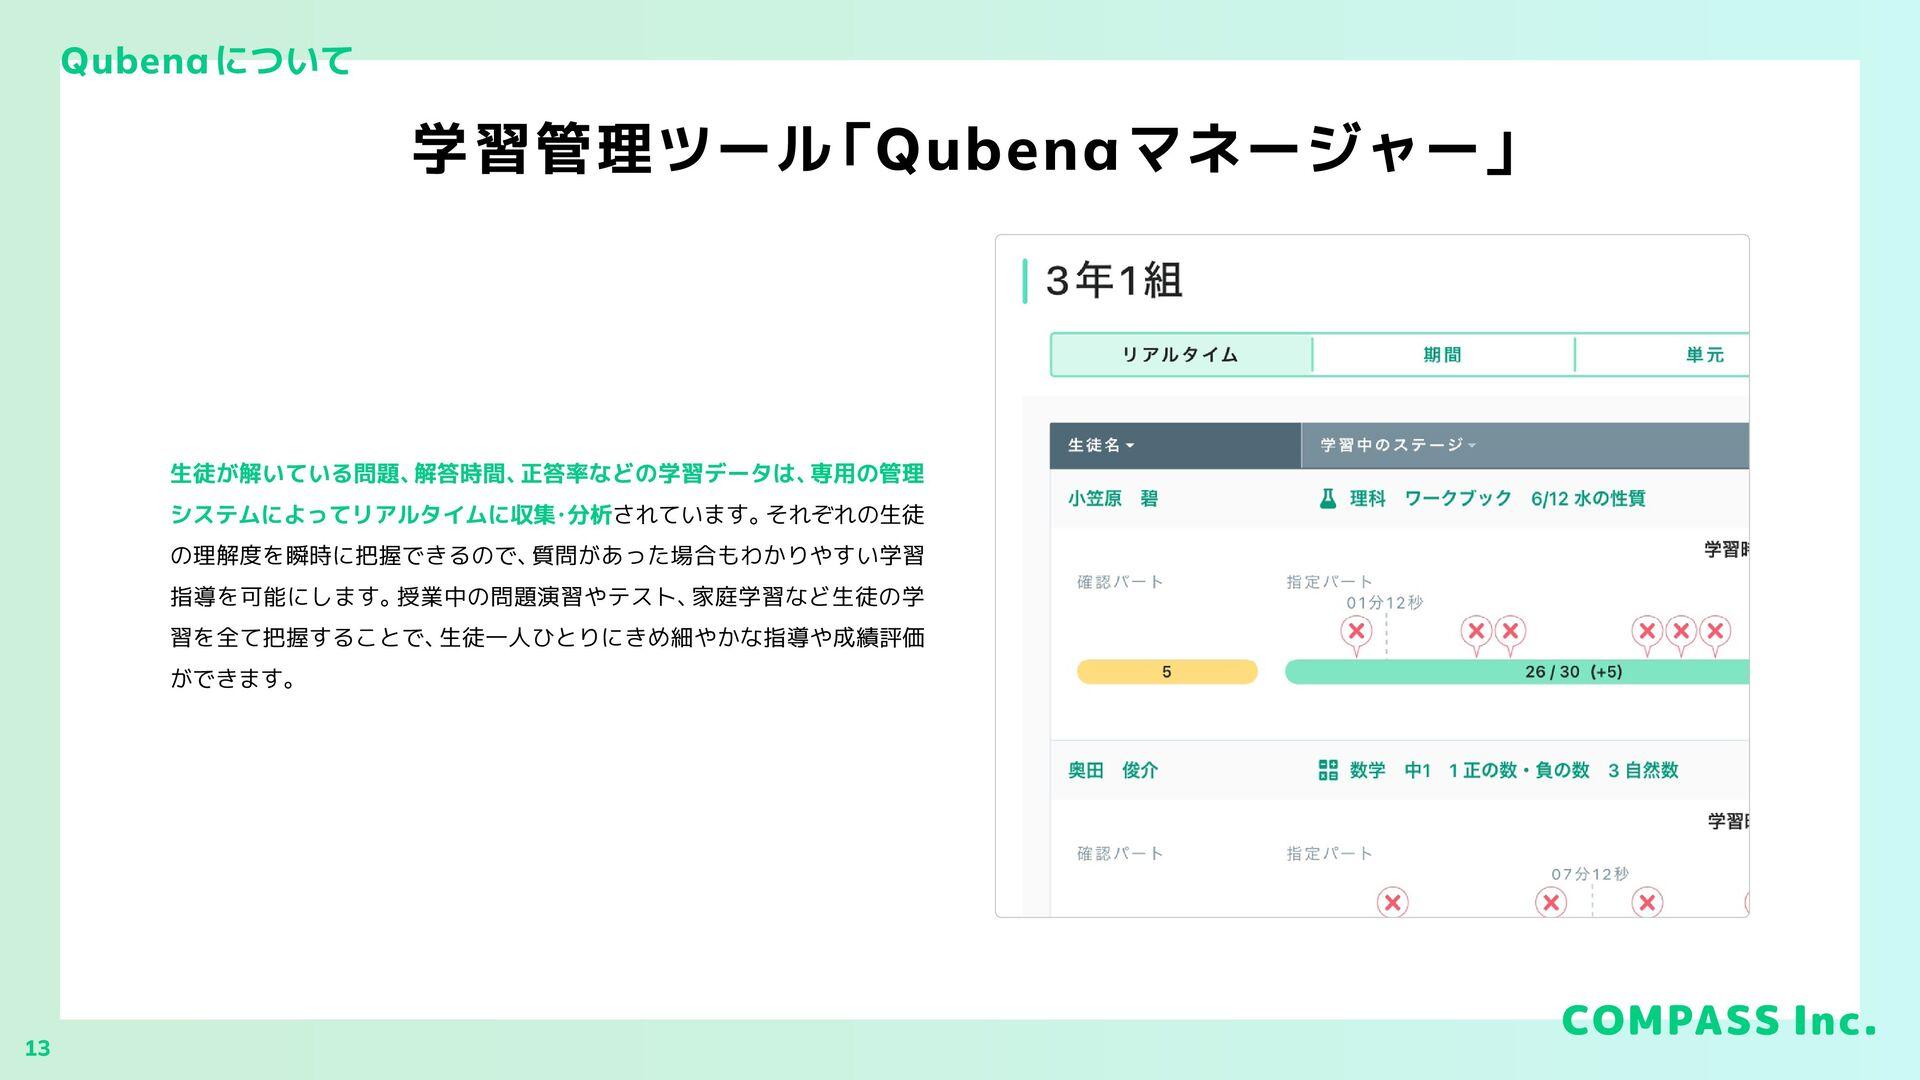 学習管理ツール「Qubena マネージャー」 生徒が解いている問題、解答時間、正答率などの学習...